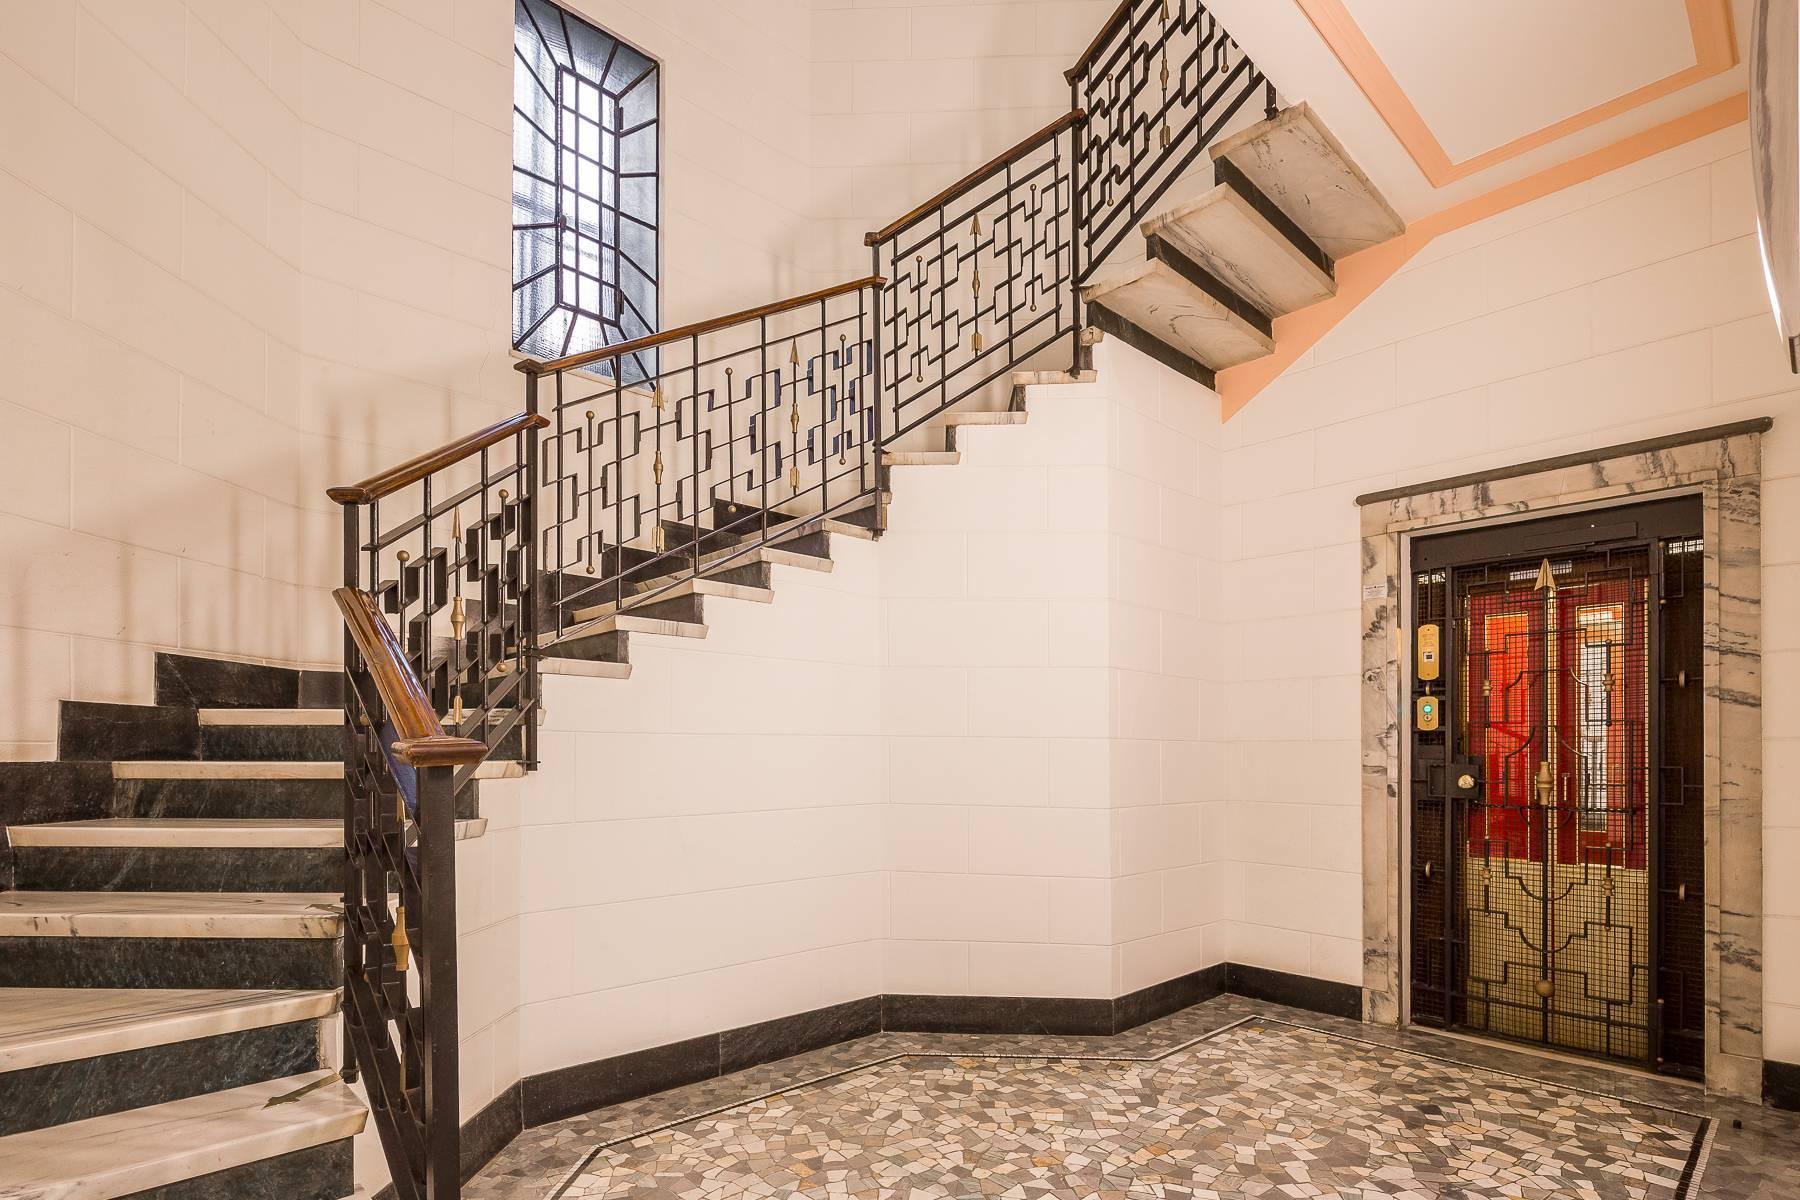 Appartamento esclusivo di 200 mq in nuda proprietà in un palazzo d'epoca - 19